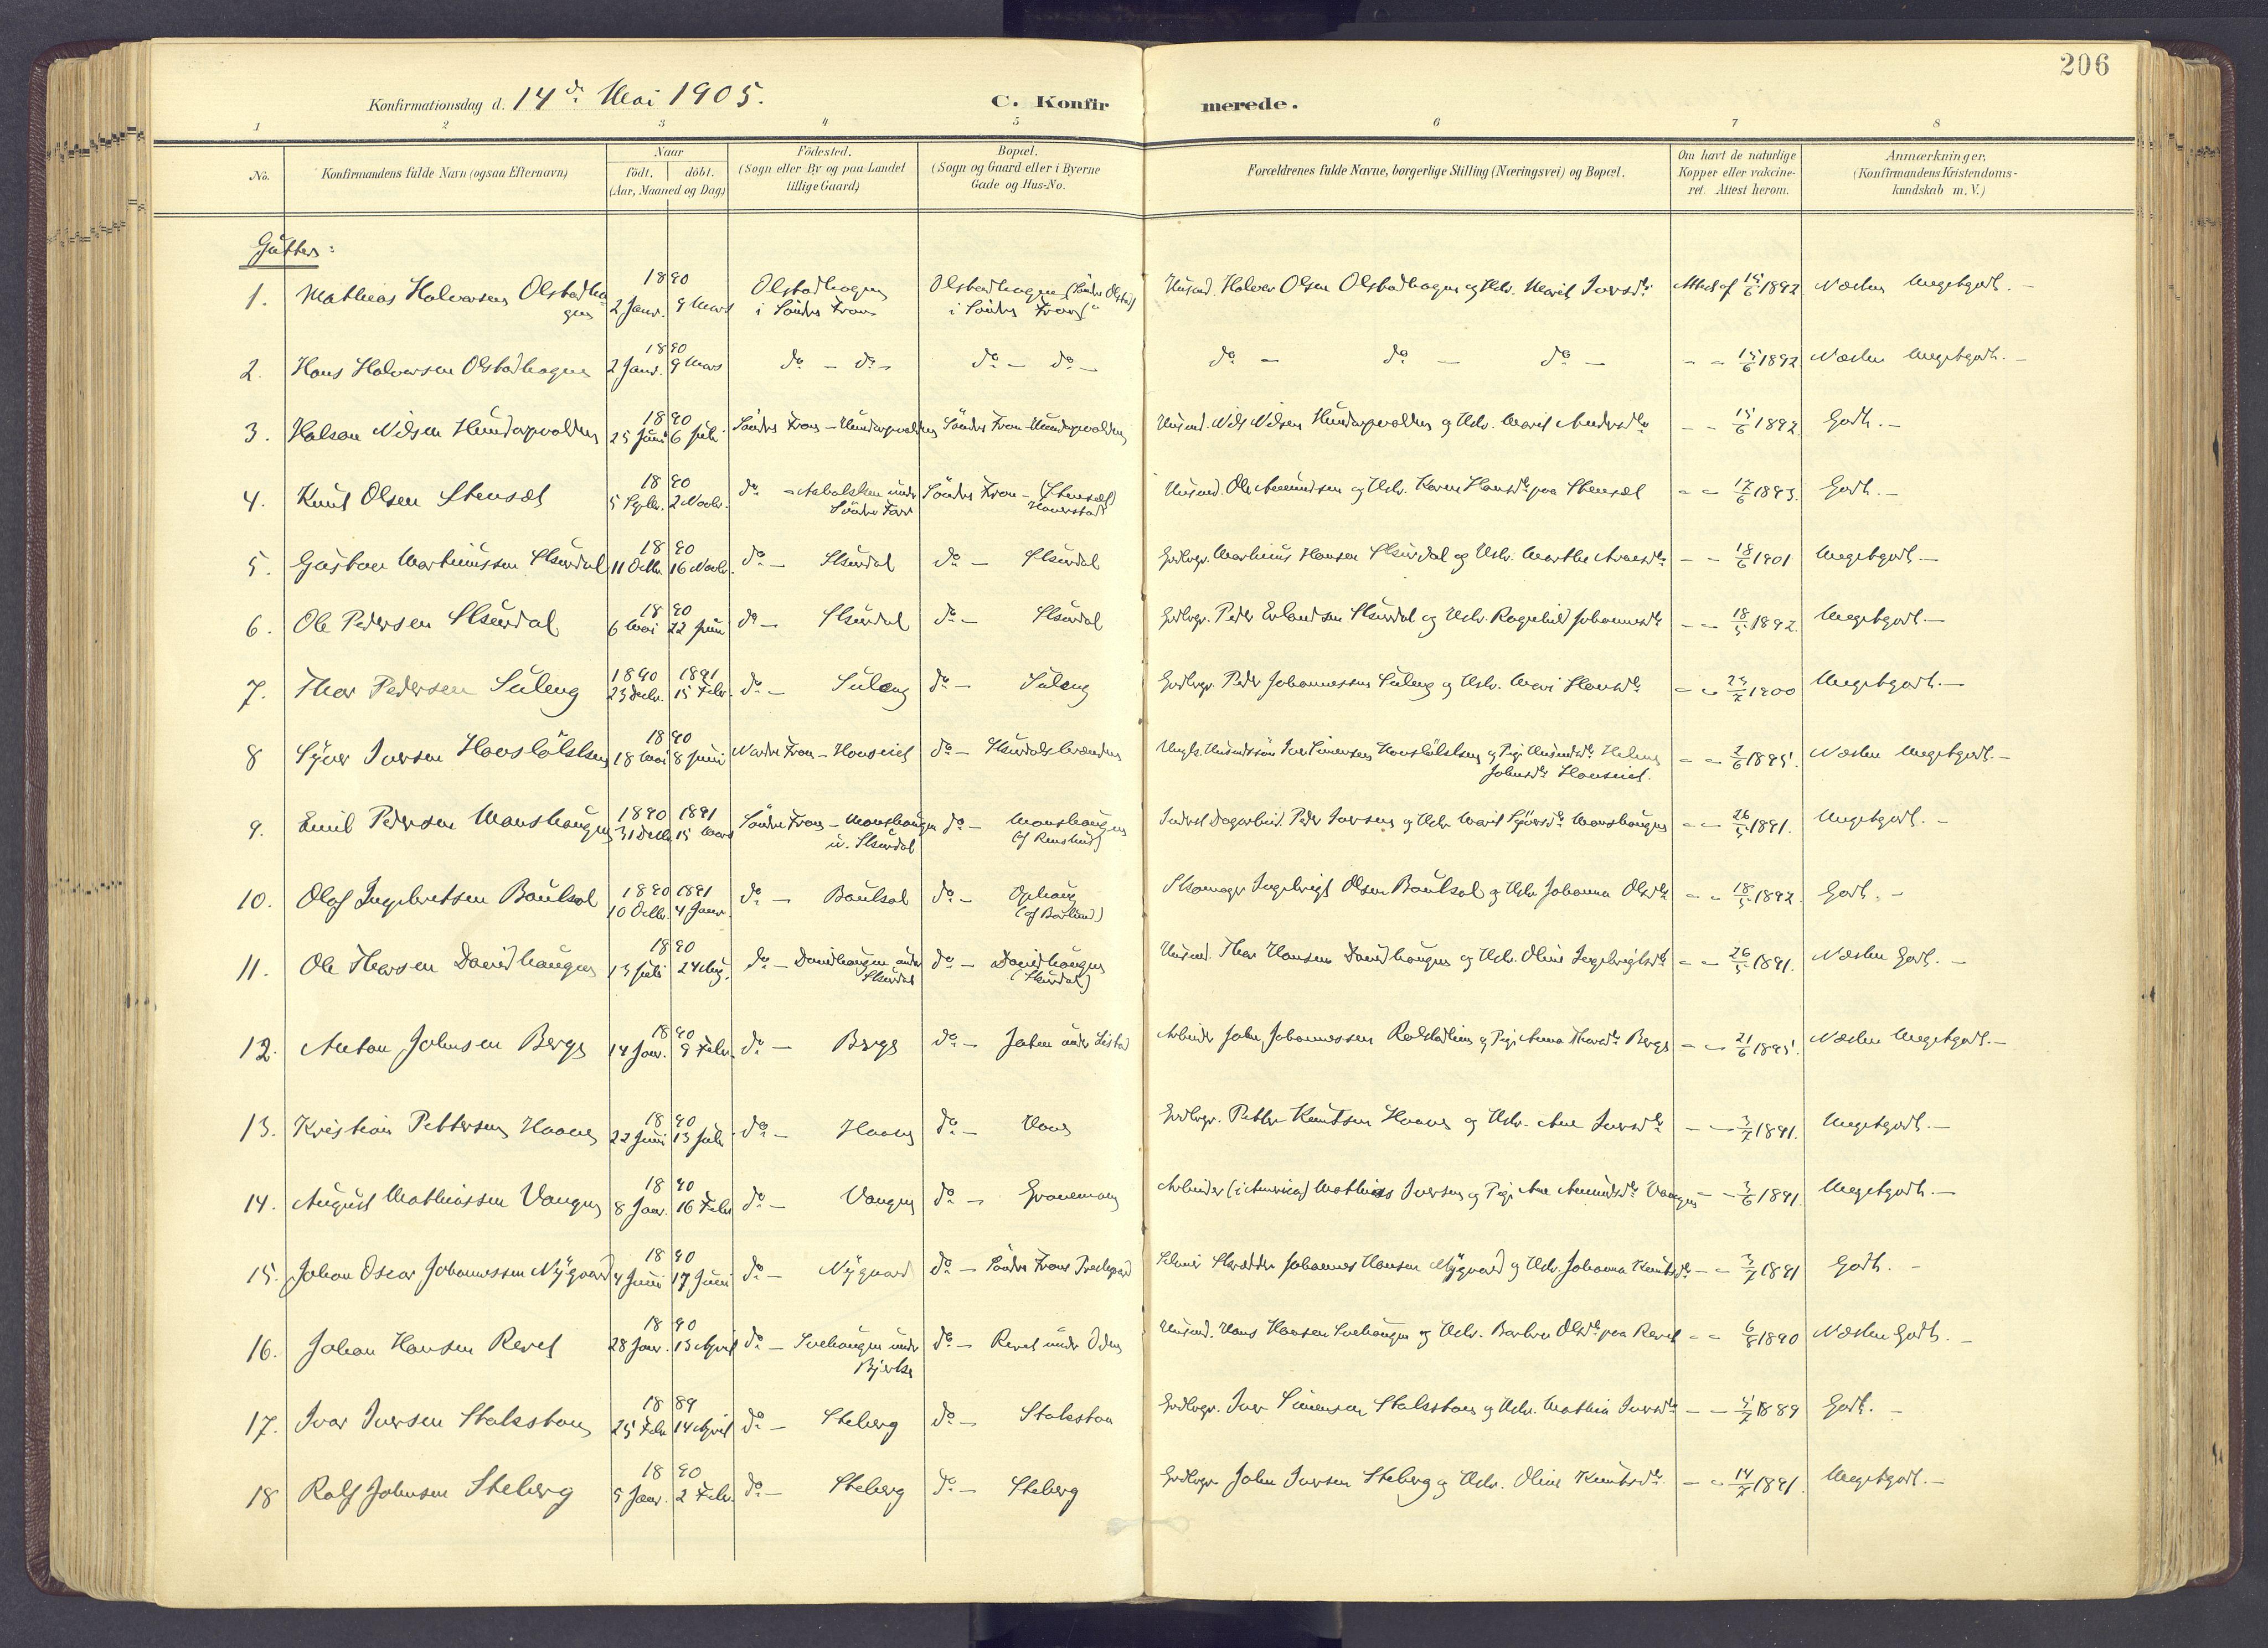 SAH, Sør-Fron prestekontor, H/Ha/Haa/L0004: Ministerialbok nr. 4, 1898-1919, s. 206